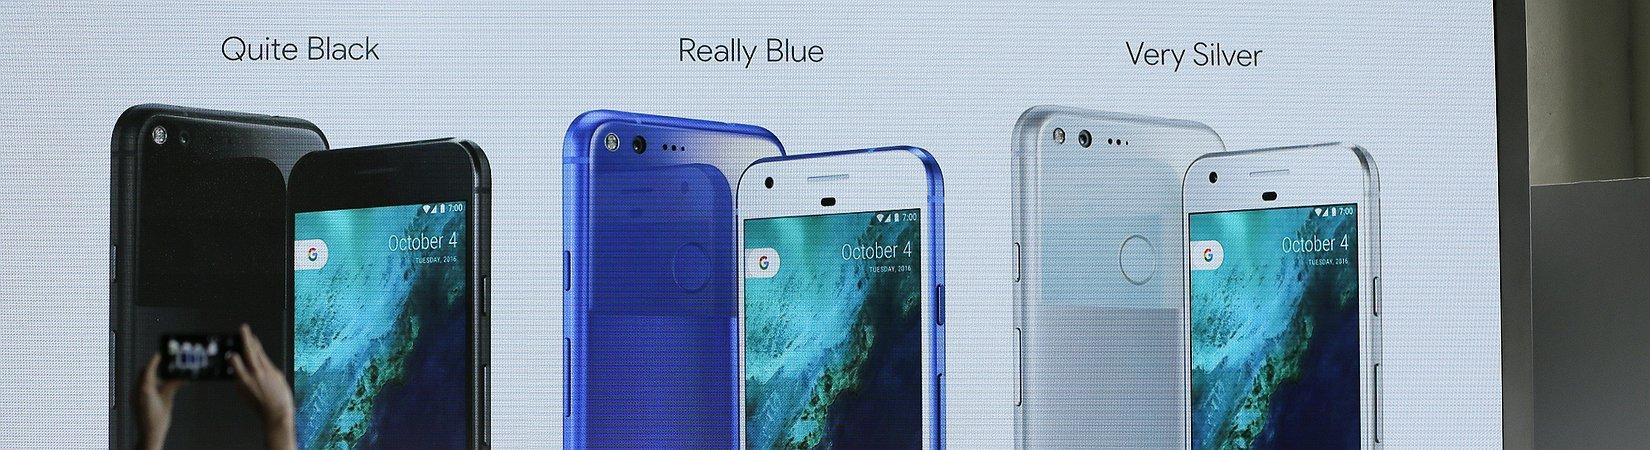 Google promove o seu mais recente smartphone